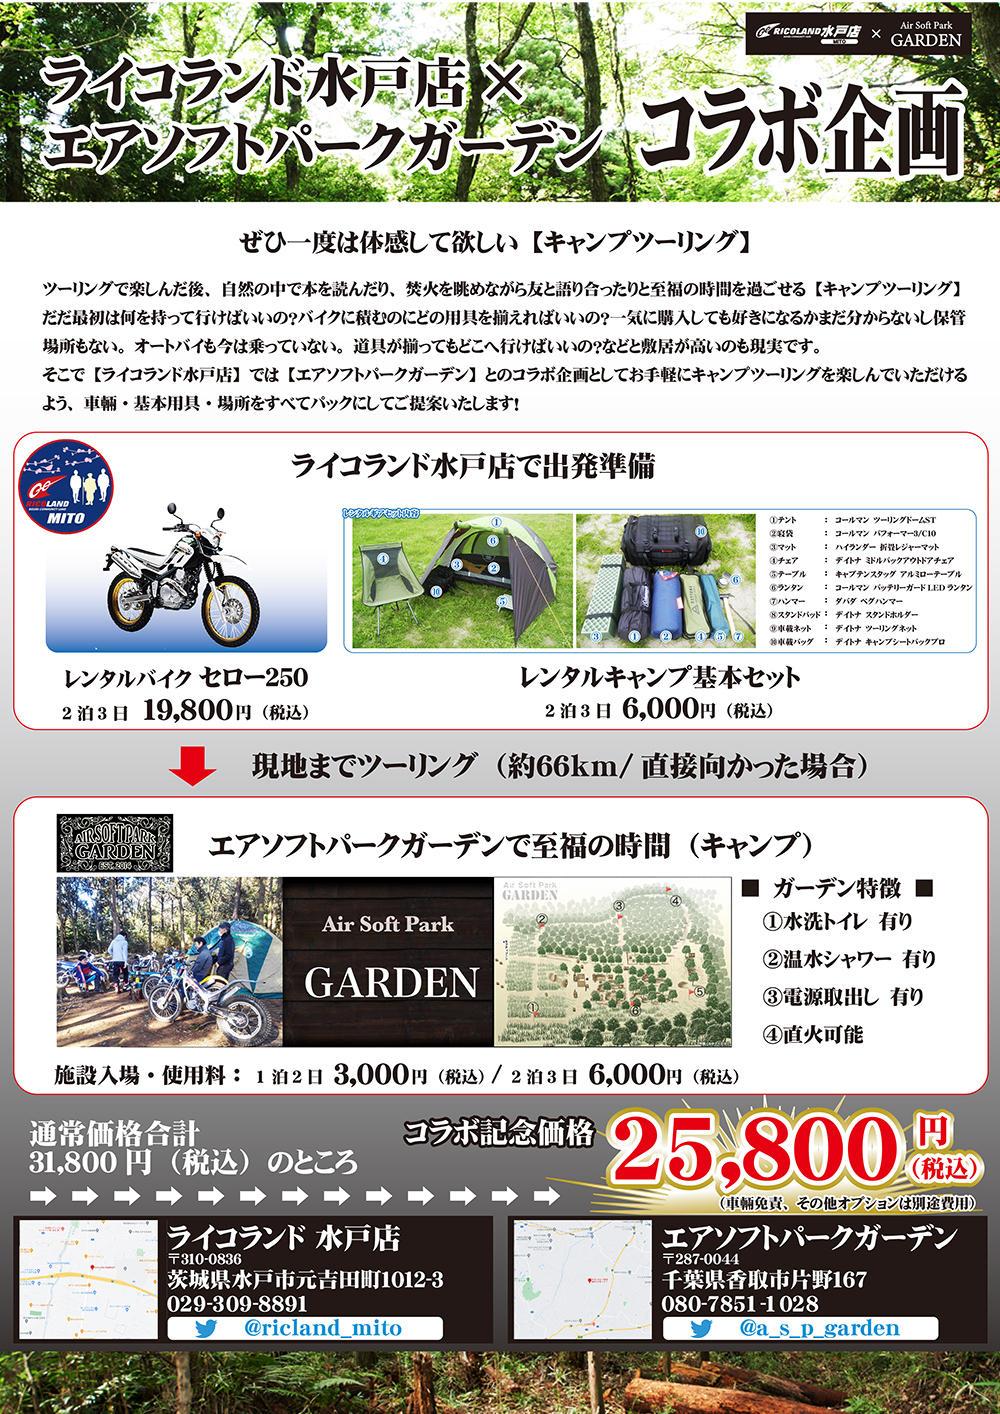 20210430(水戸店エアソフトコラボSNS用).jpg